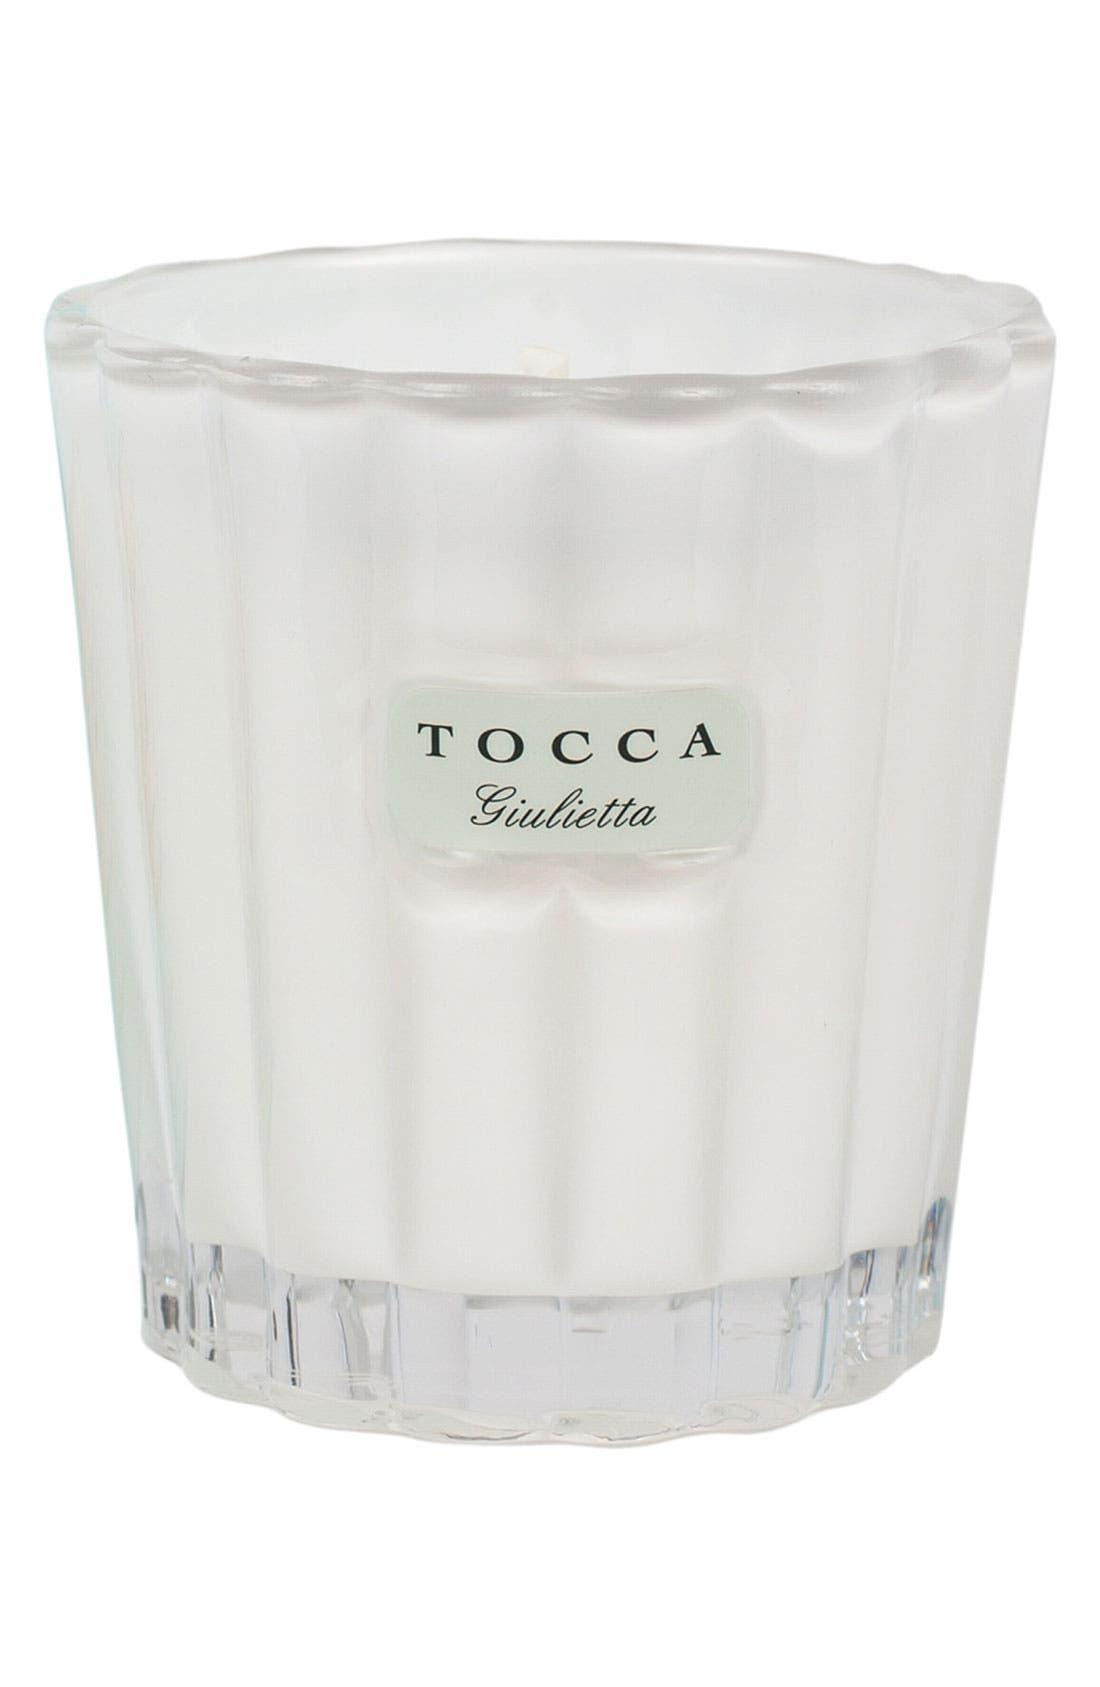 TOCCA 'Giulietta' Candelina